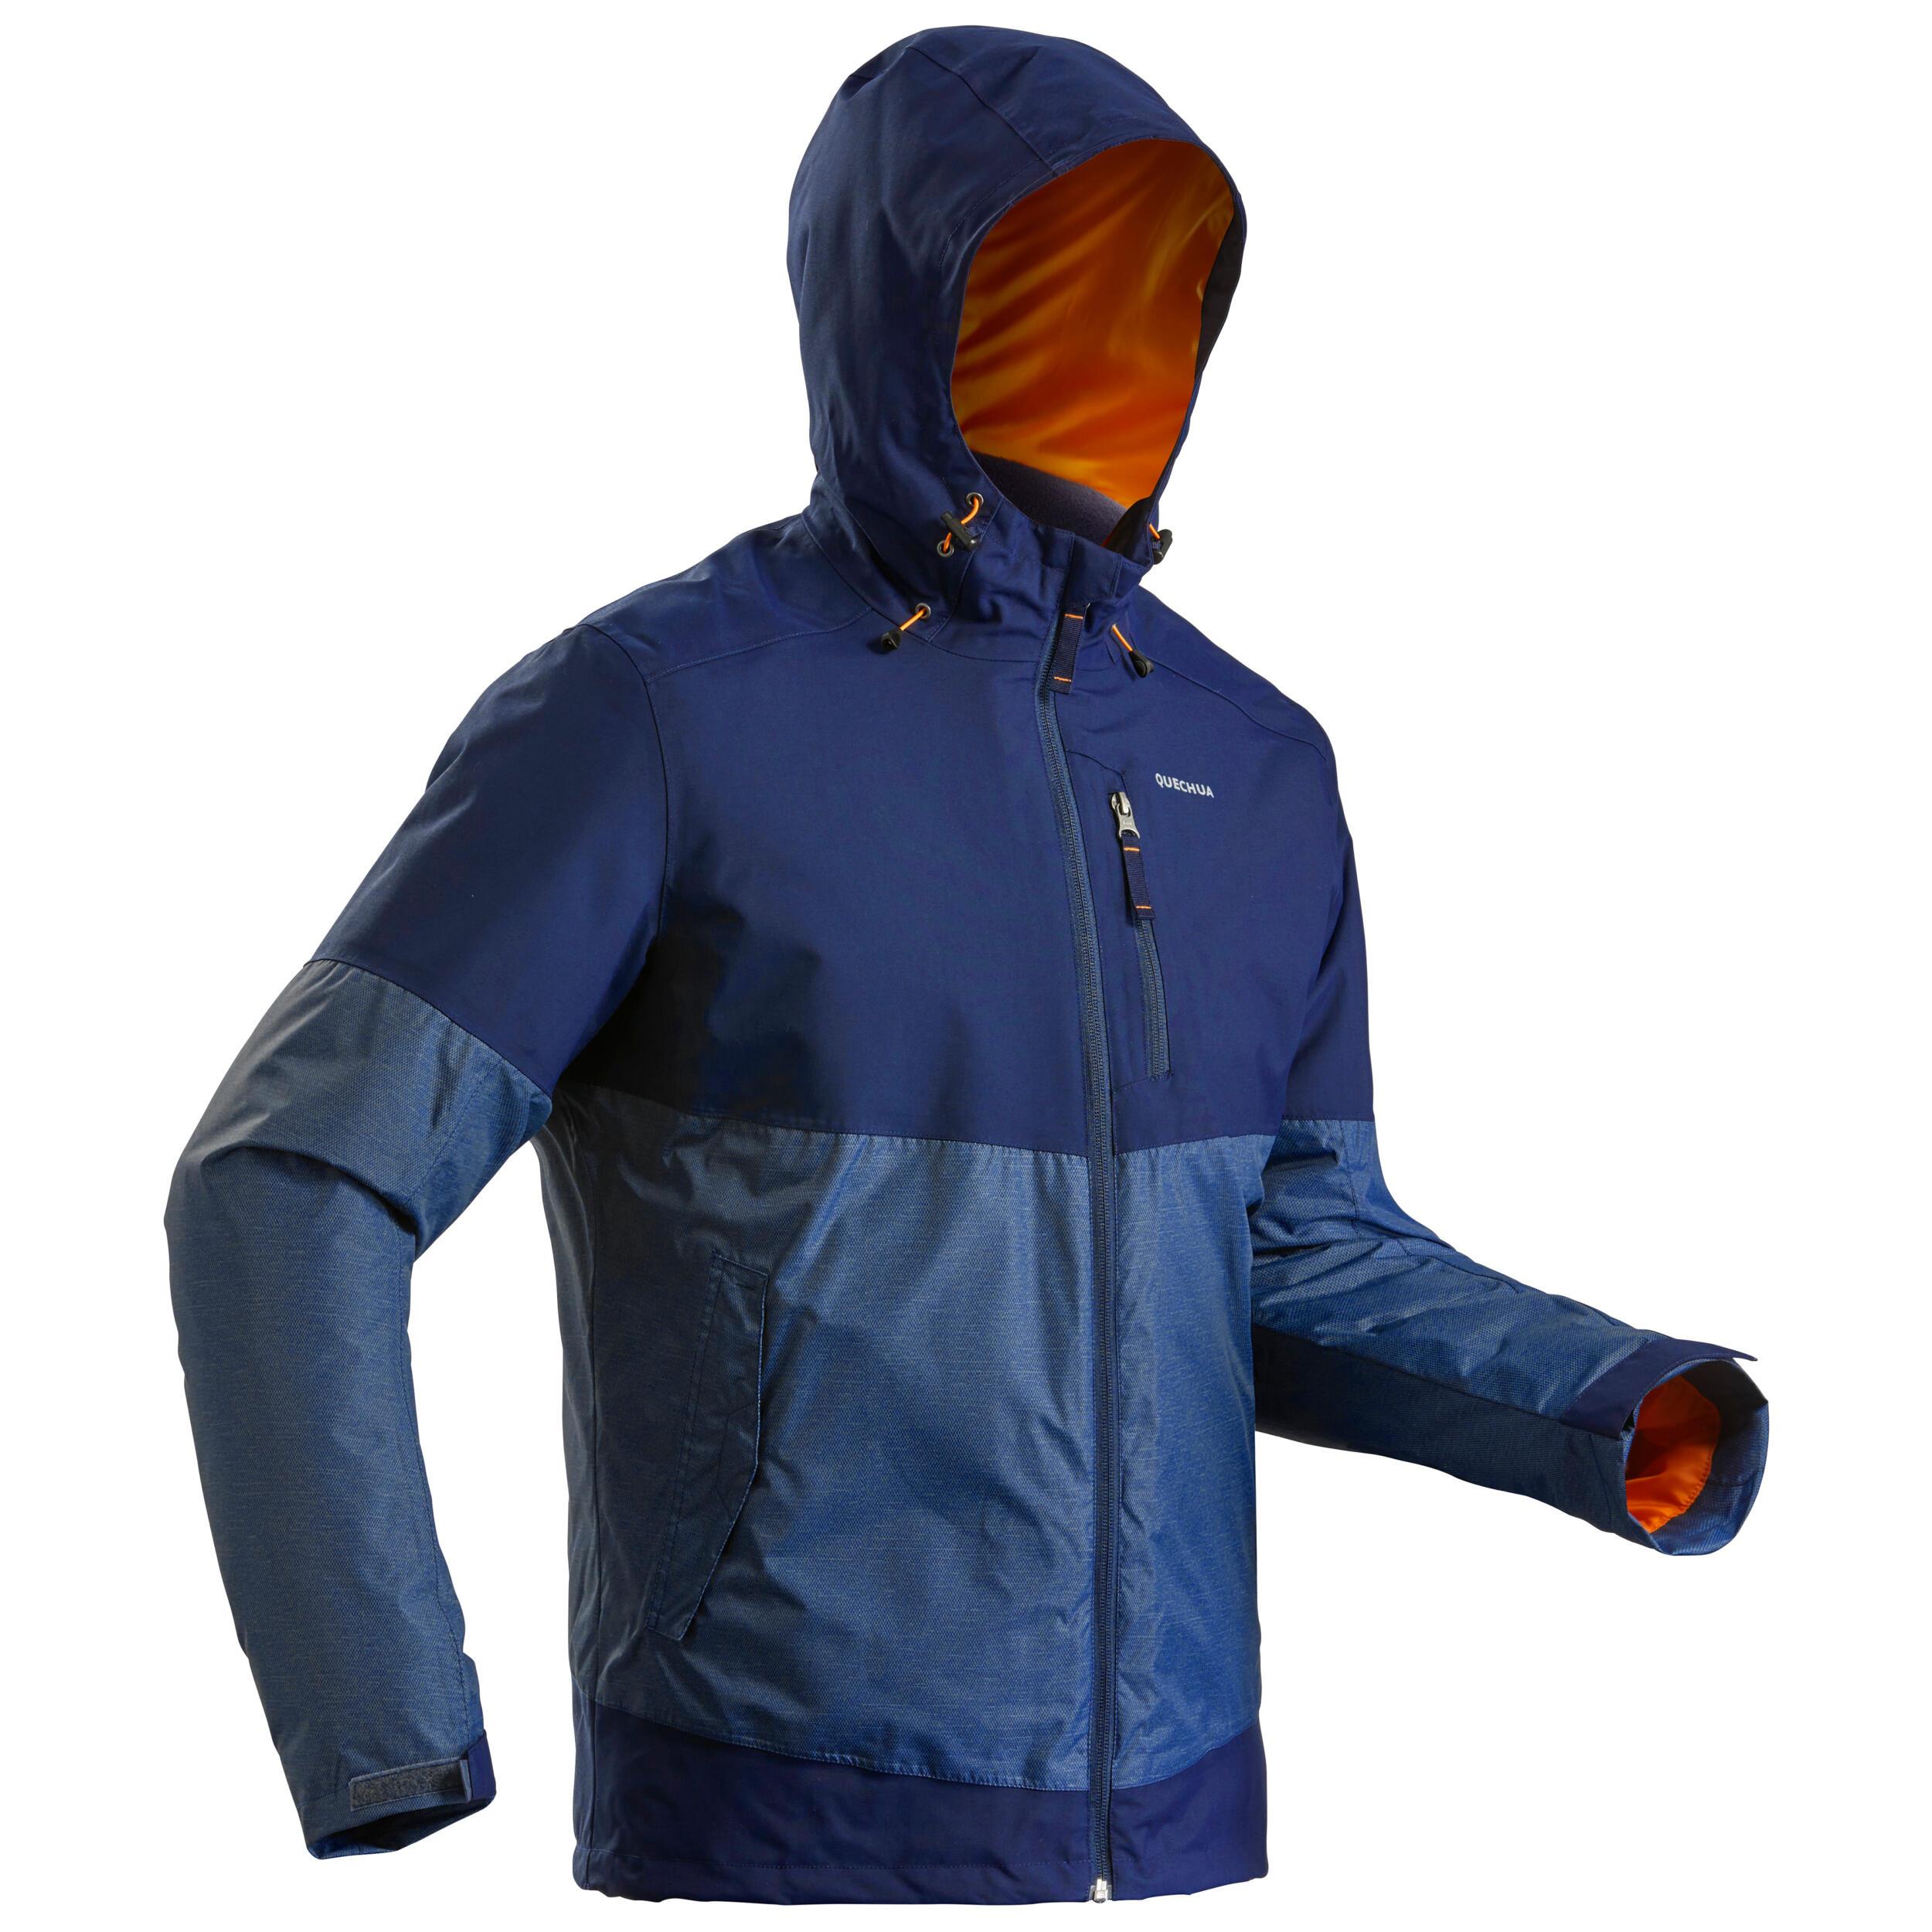 Winterjacke Winterwandern SH100 X-Warm Wasserdicht Herren | Bekleidung > Jacken > Winterjacken | Quechua